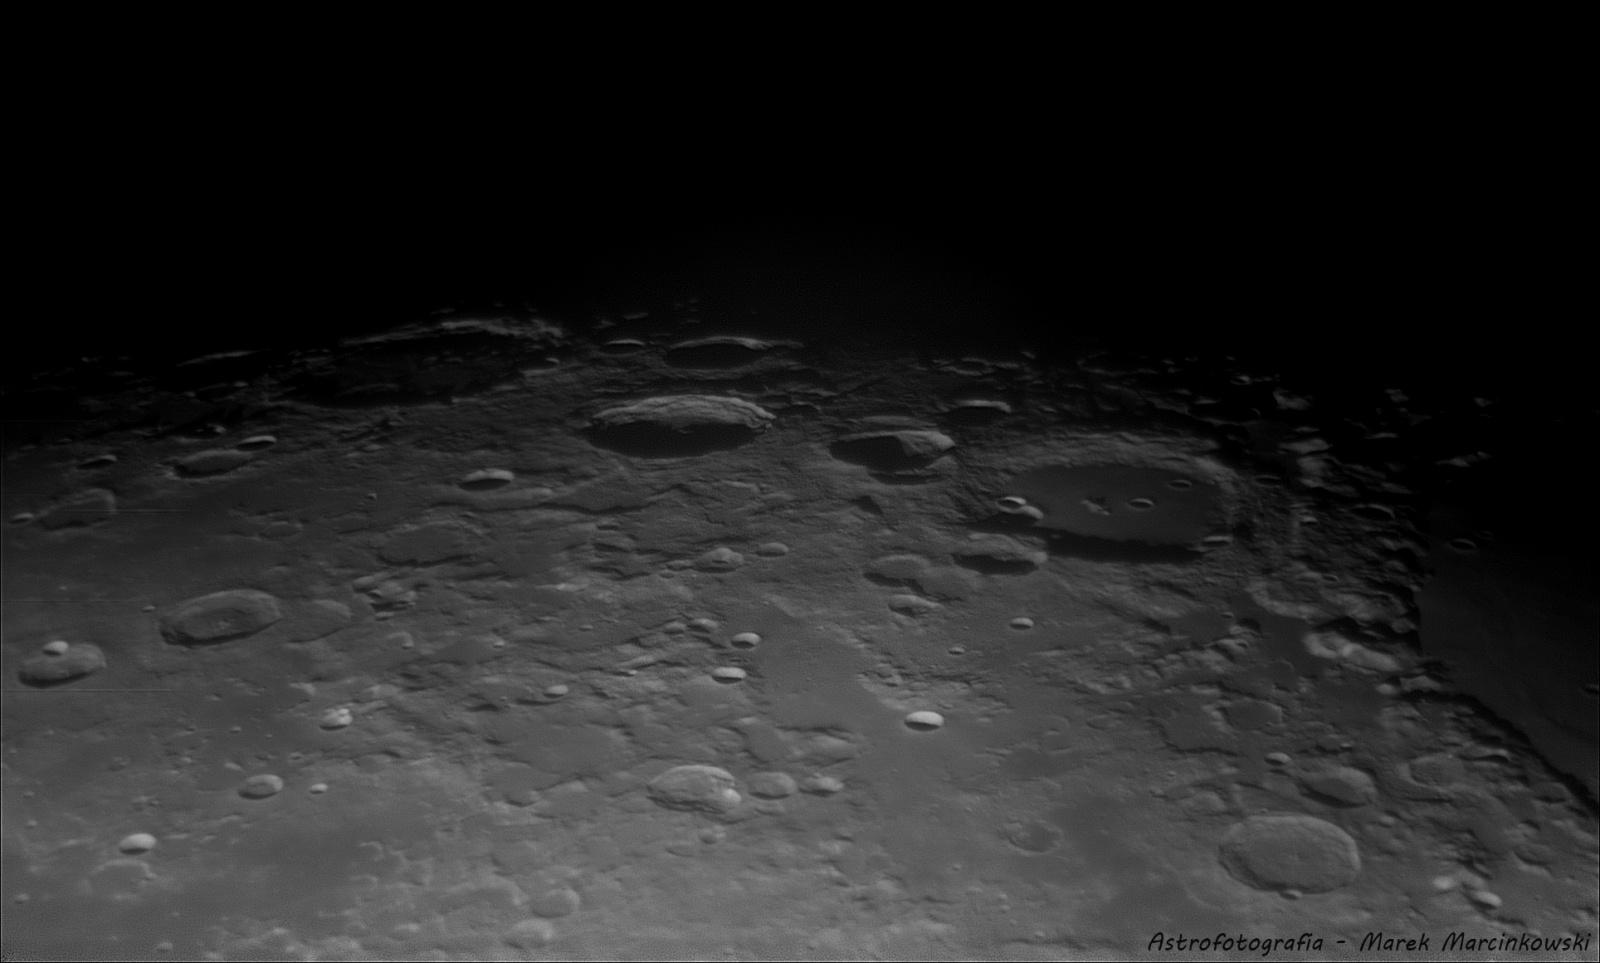 2021-01-01-0056_2-Moon_lapl4_ap324_conv_ps_regi_FB.jpg